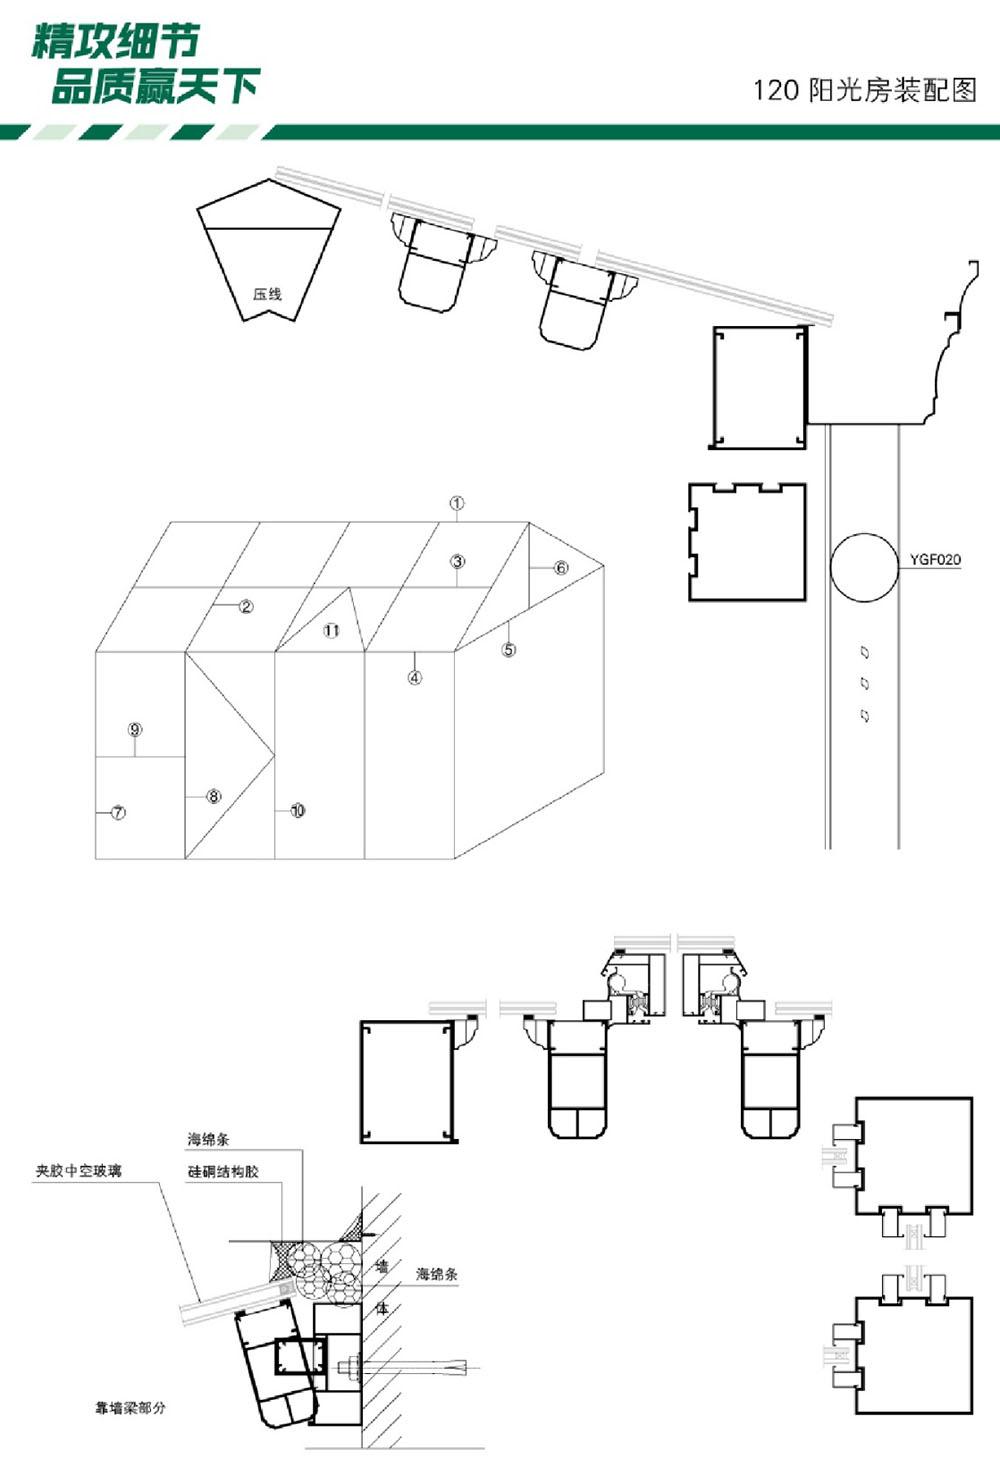 永毅兴铝型材 全铝家居 全铝家具 铝门窗五金 120阳光房